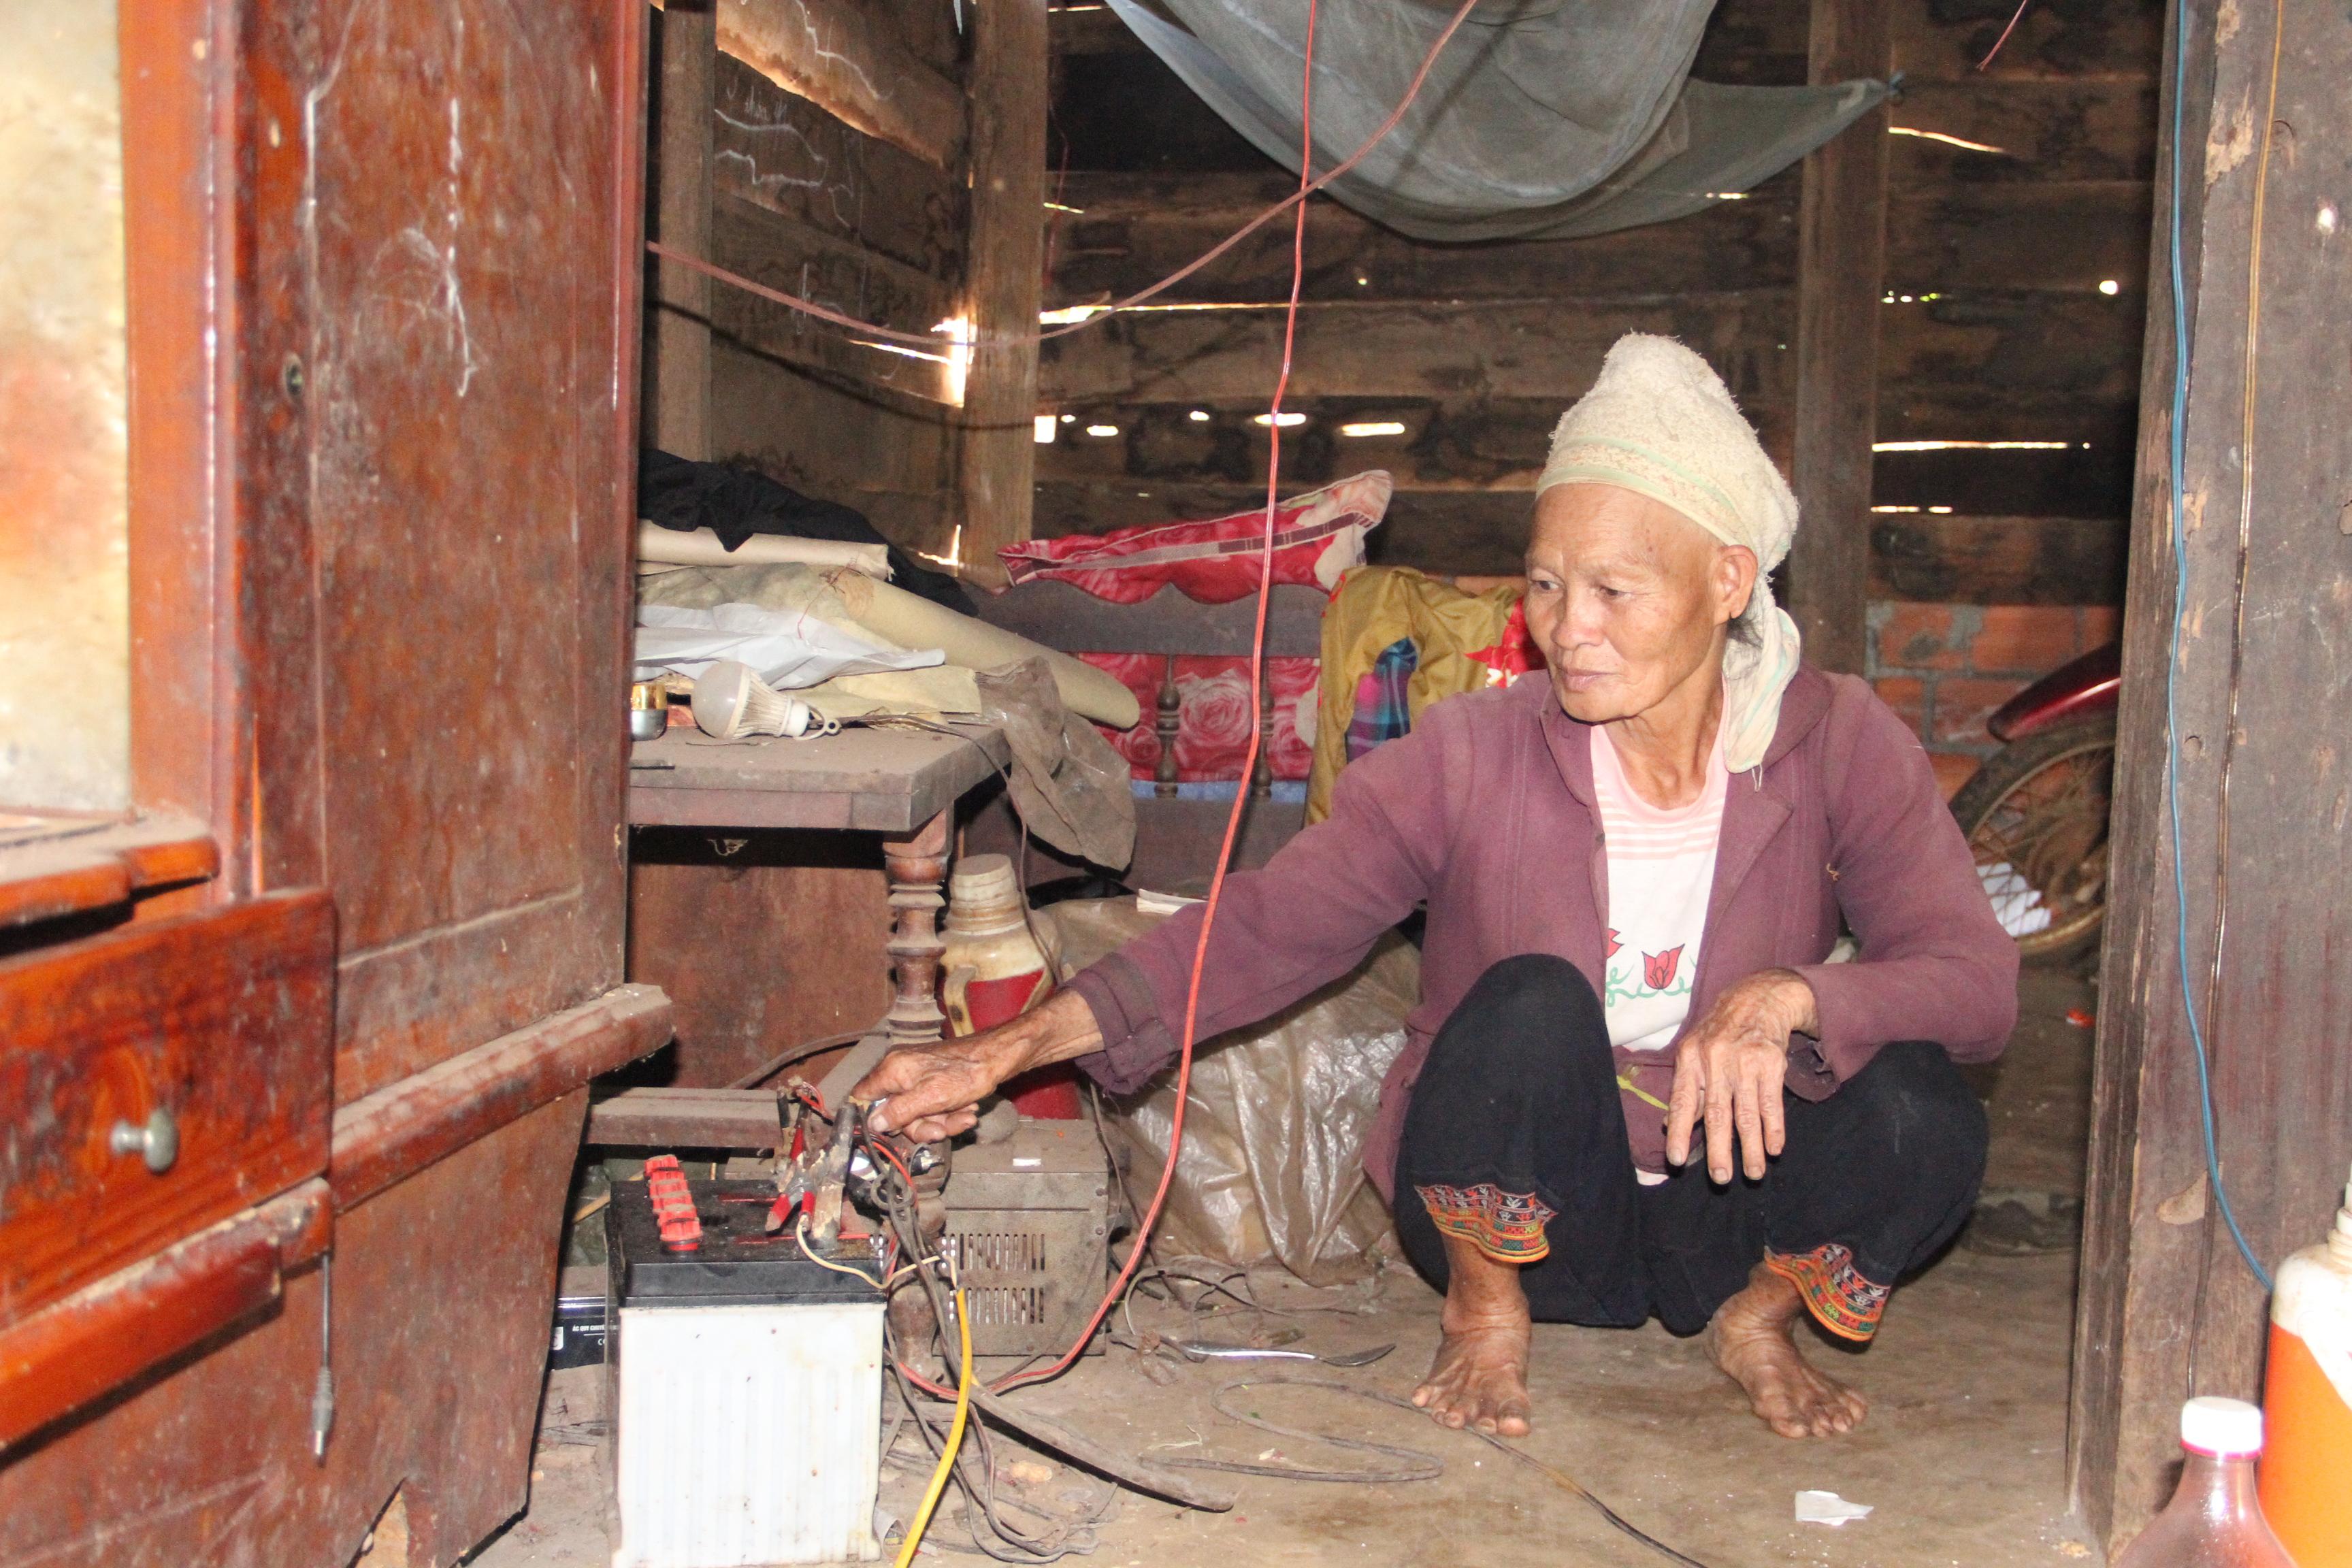 Trước đây, khi chưa có điện lưới, người dân phải dùnh bình ắc quy để thắp sáng